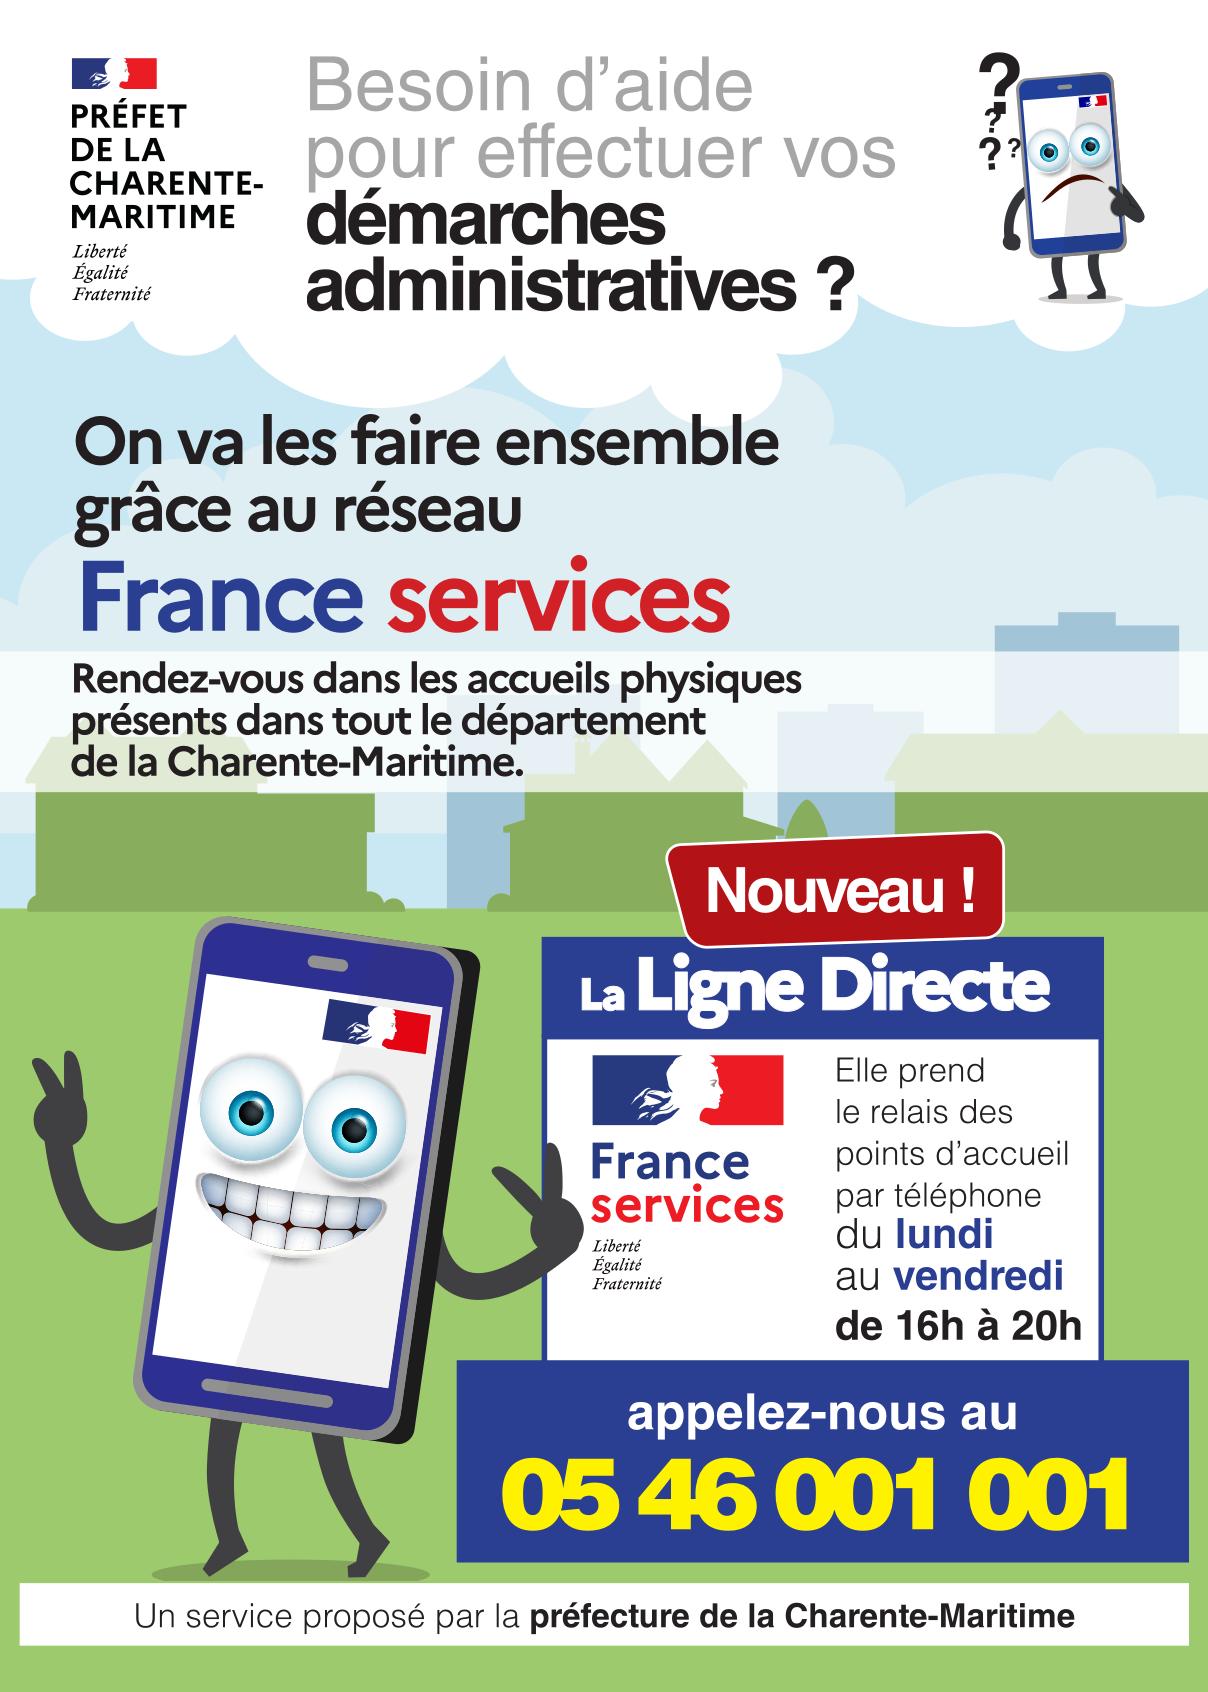 Plateforme téléphonique Ligne Directe France Service